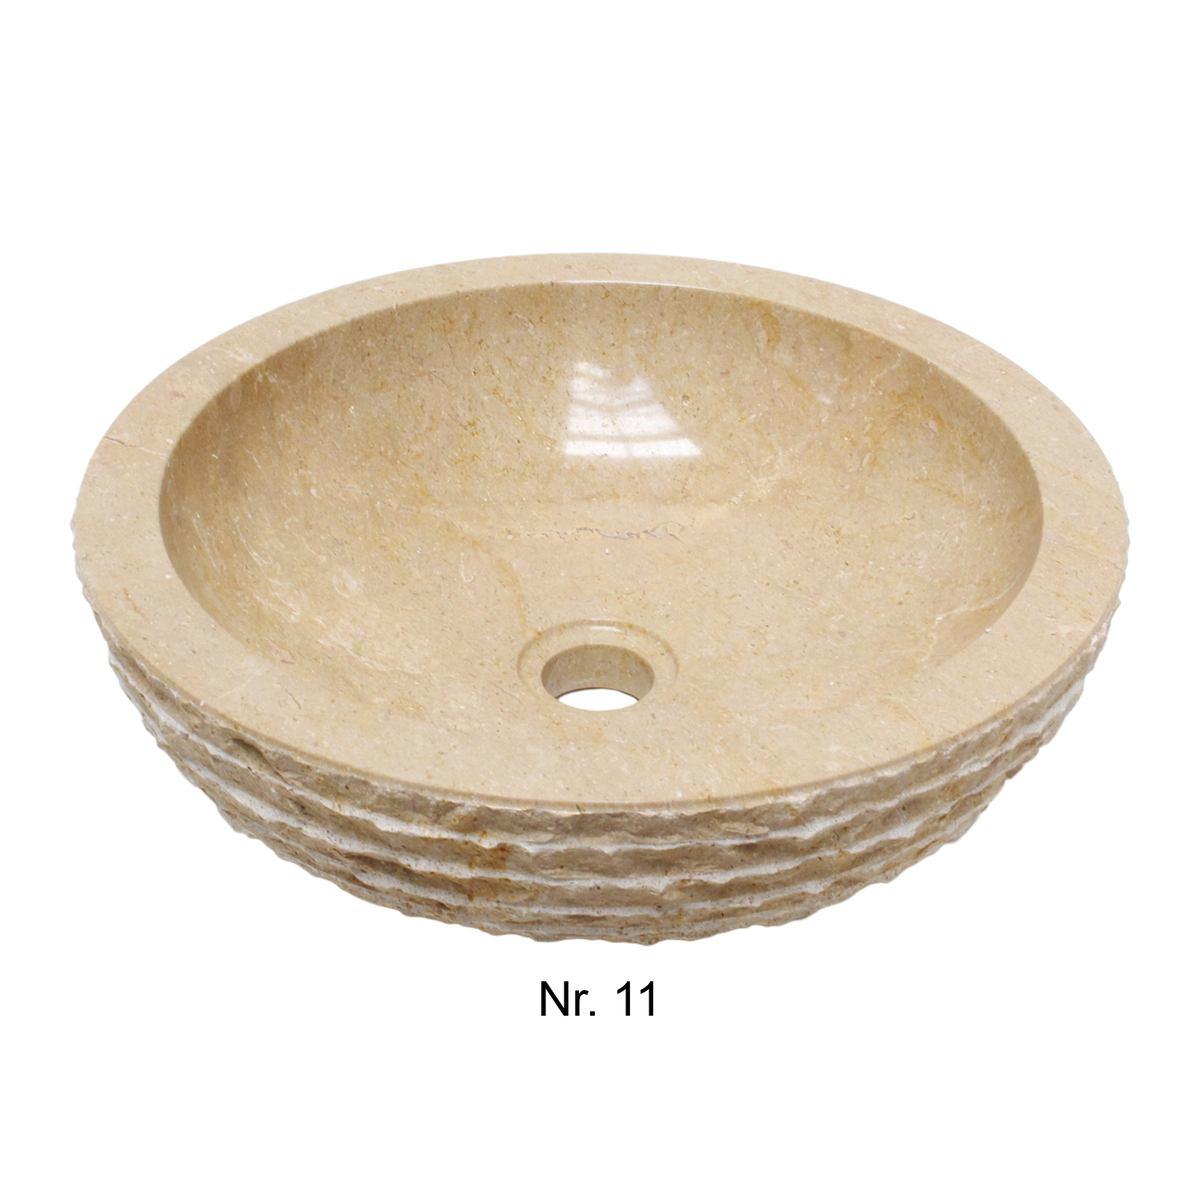 naturstein waschbecken handwaschbecken natursteinwaschbecken waschtisch 40 cm 33 cm marmor. Black Bedroom Furniture Sets. Home Design Ideas